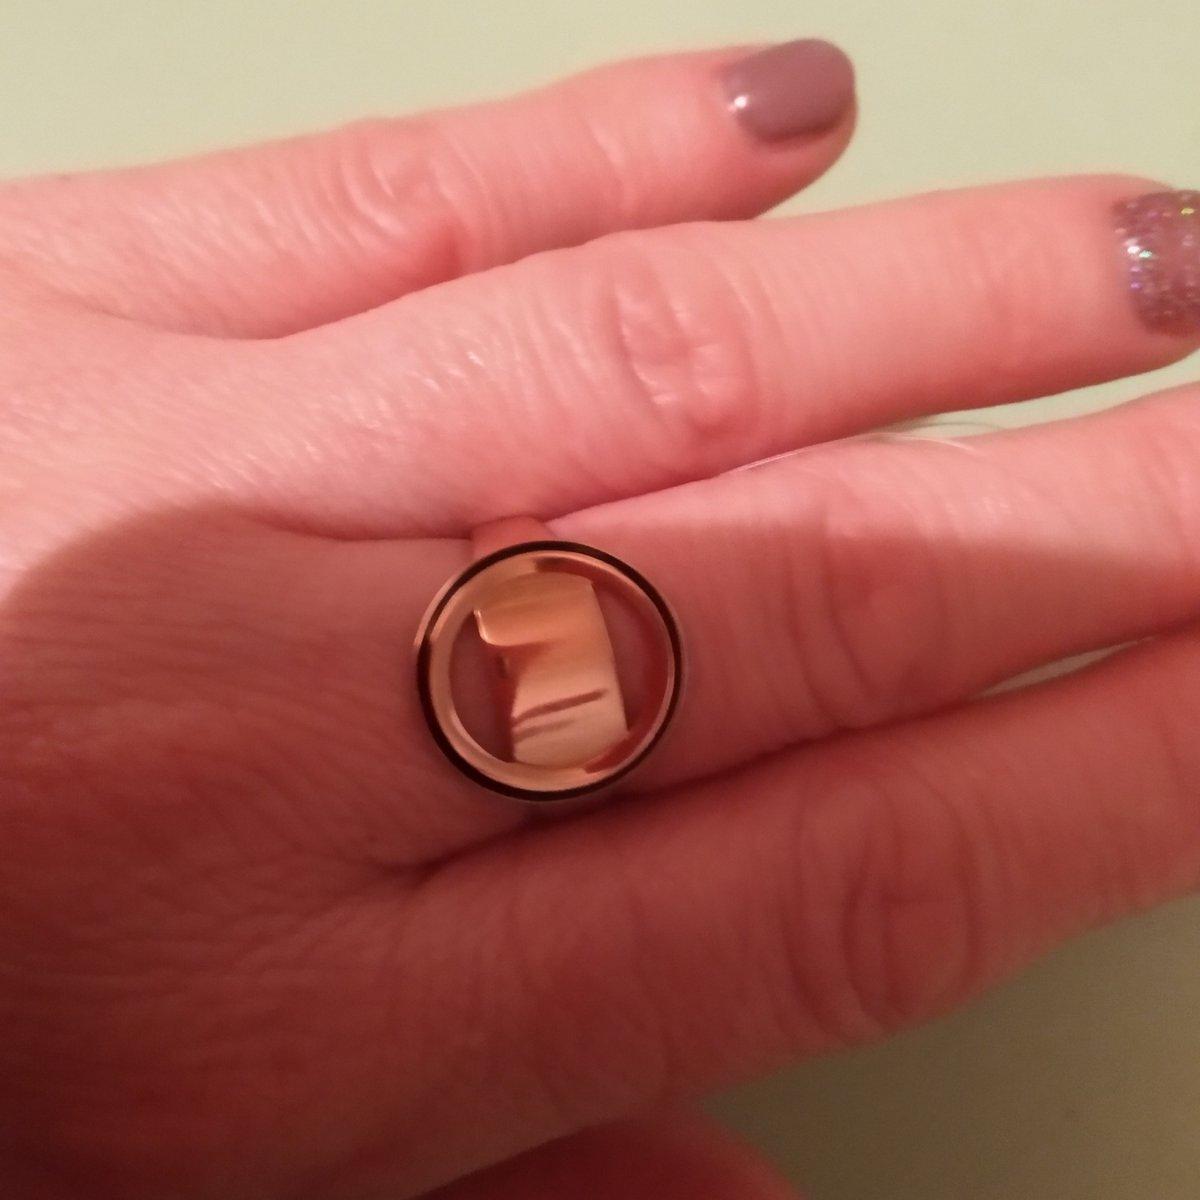 Спасибо,красивое кольцо довольна покупкой